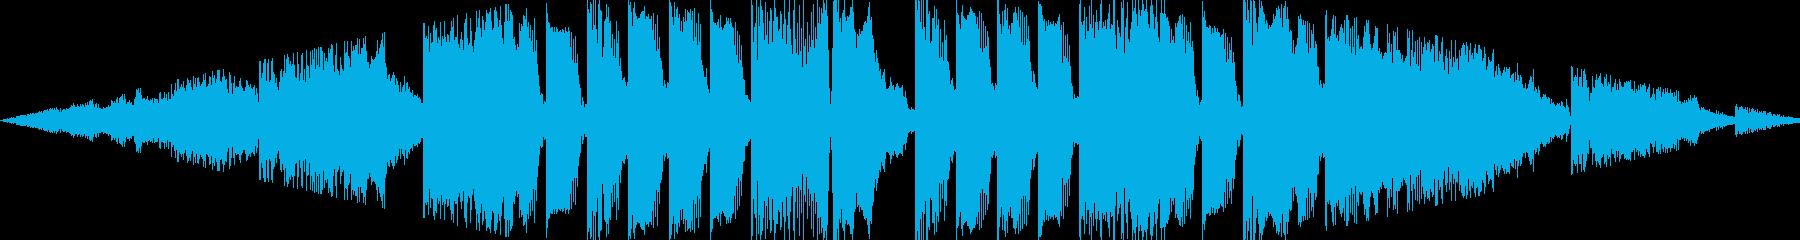 最新トレンドを意識したダークなEDMですの再生済みの波形